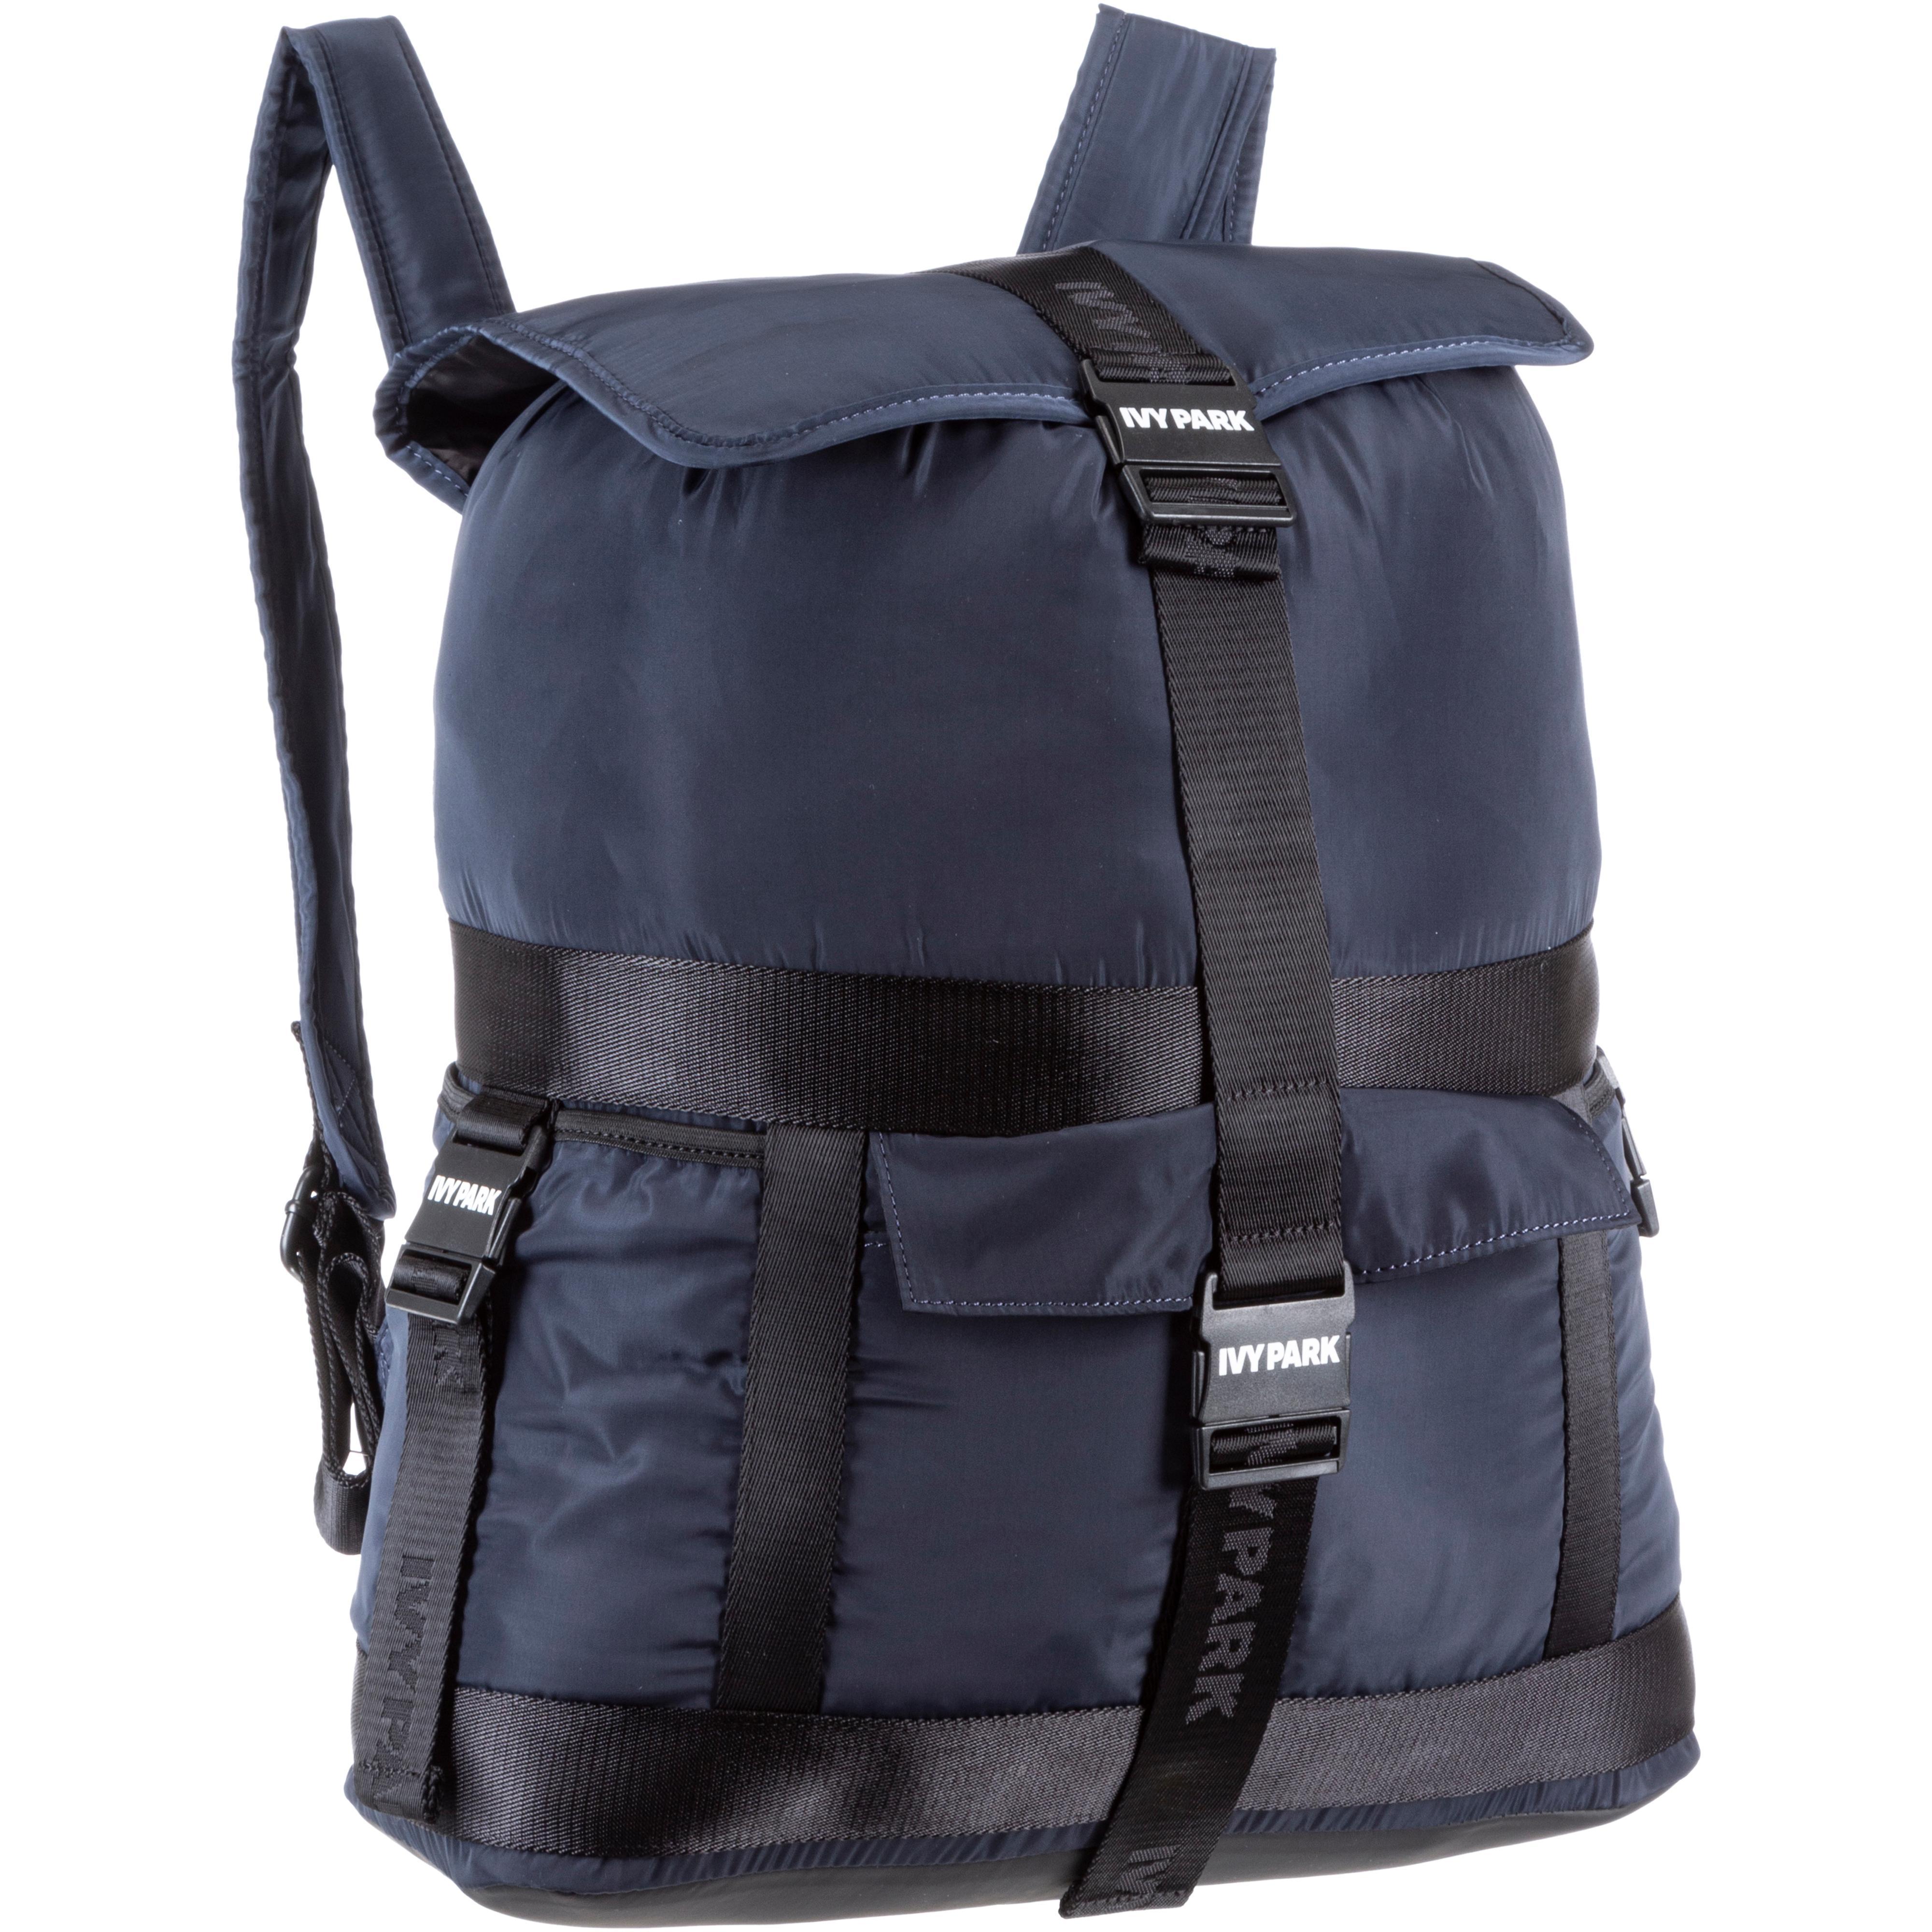 88cb9430011f2 IVY PARK Rucksack Daypack Damen dunkelblau im Online Shop von SportScheck  kaufen